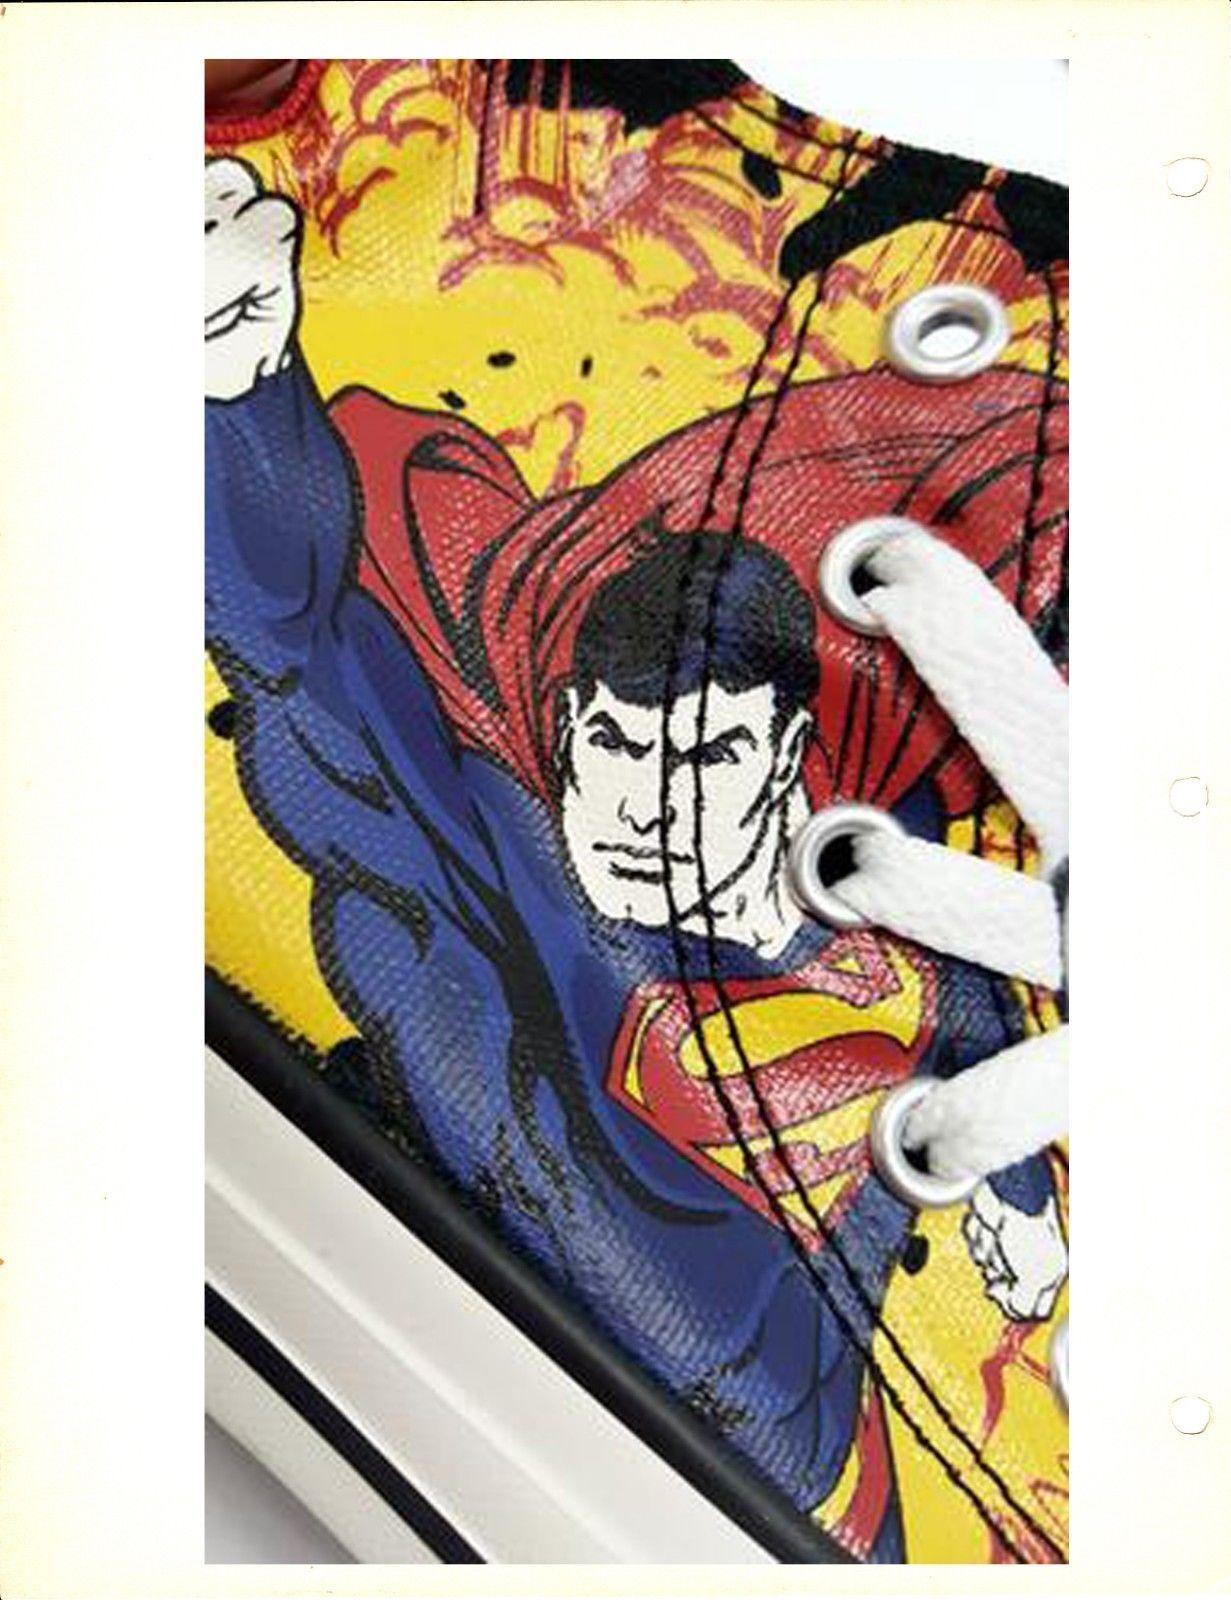 CONVERSE ALL HI STAR HI ALL CHUCK TAYLOR SUPERMAN 336632F decd51